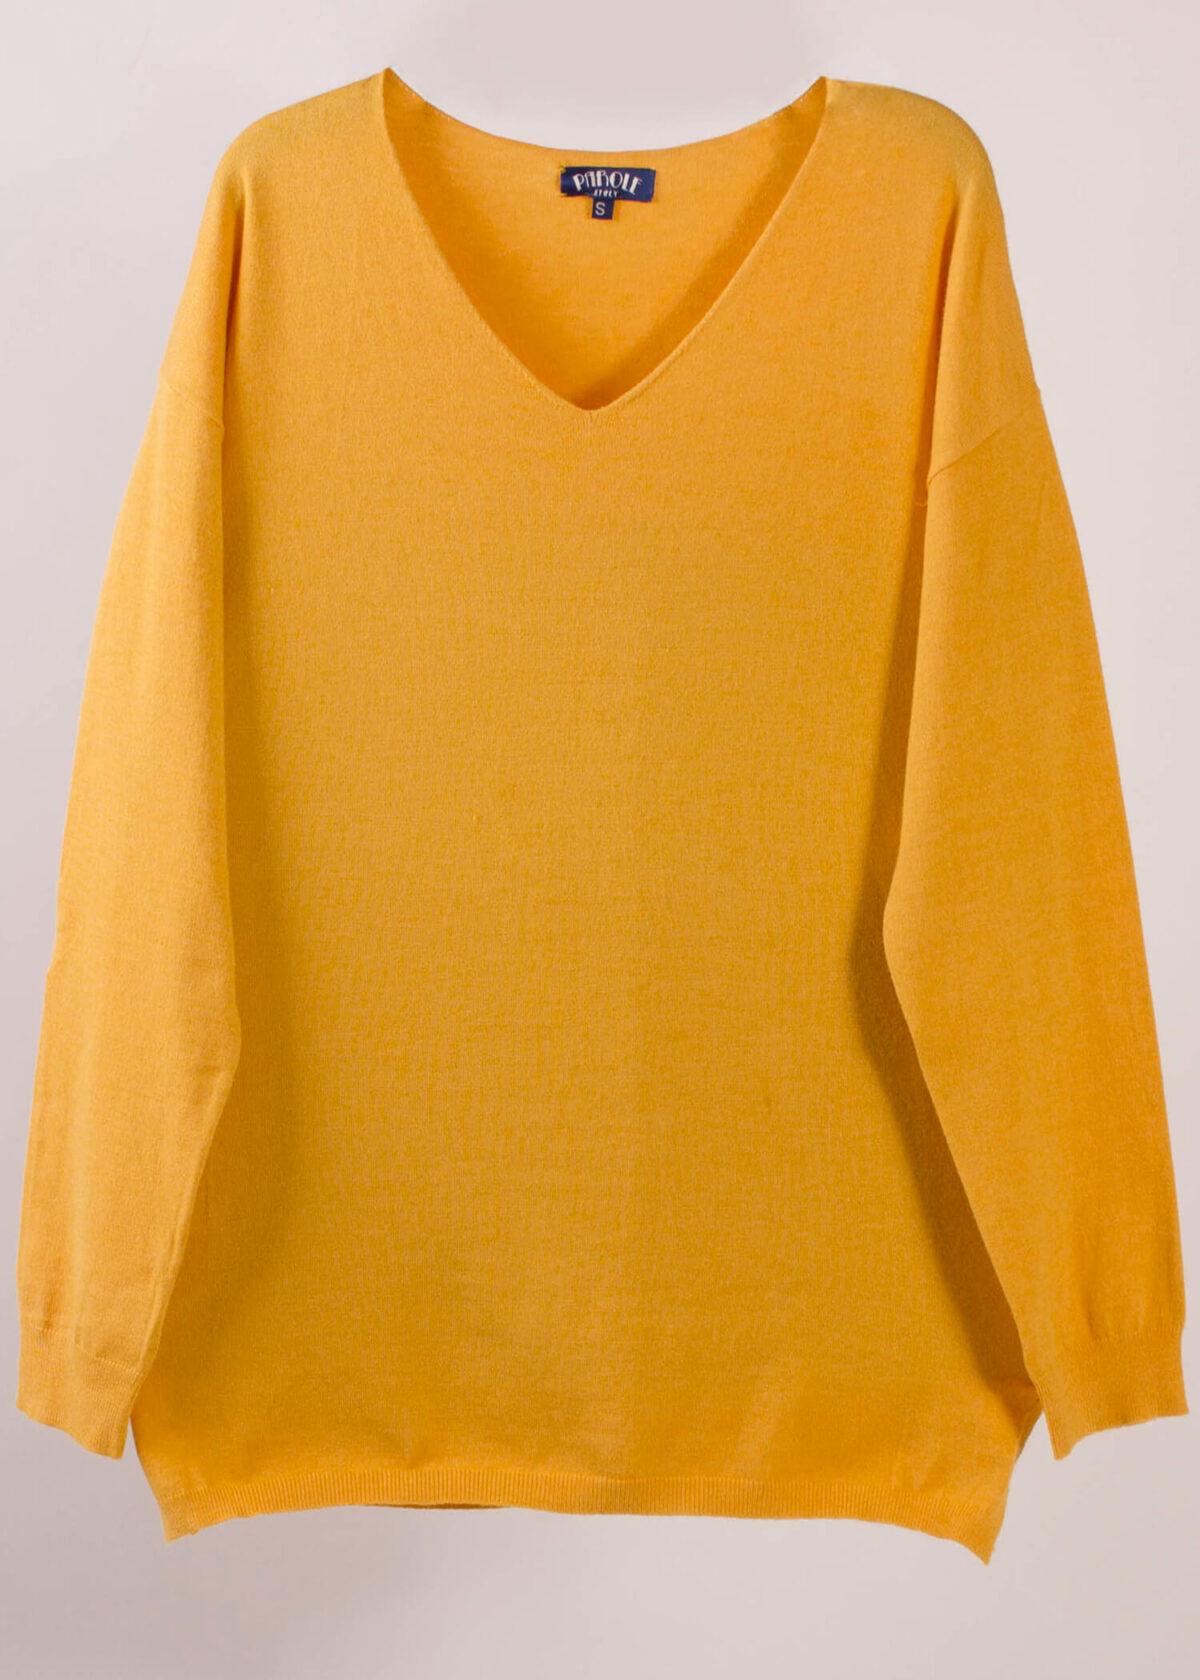 jersey-punto-mujer-amarillo-parole-italy-lopezientos